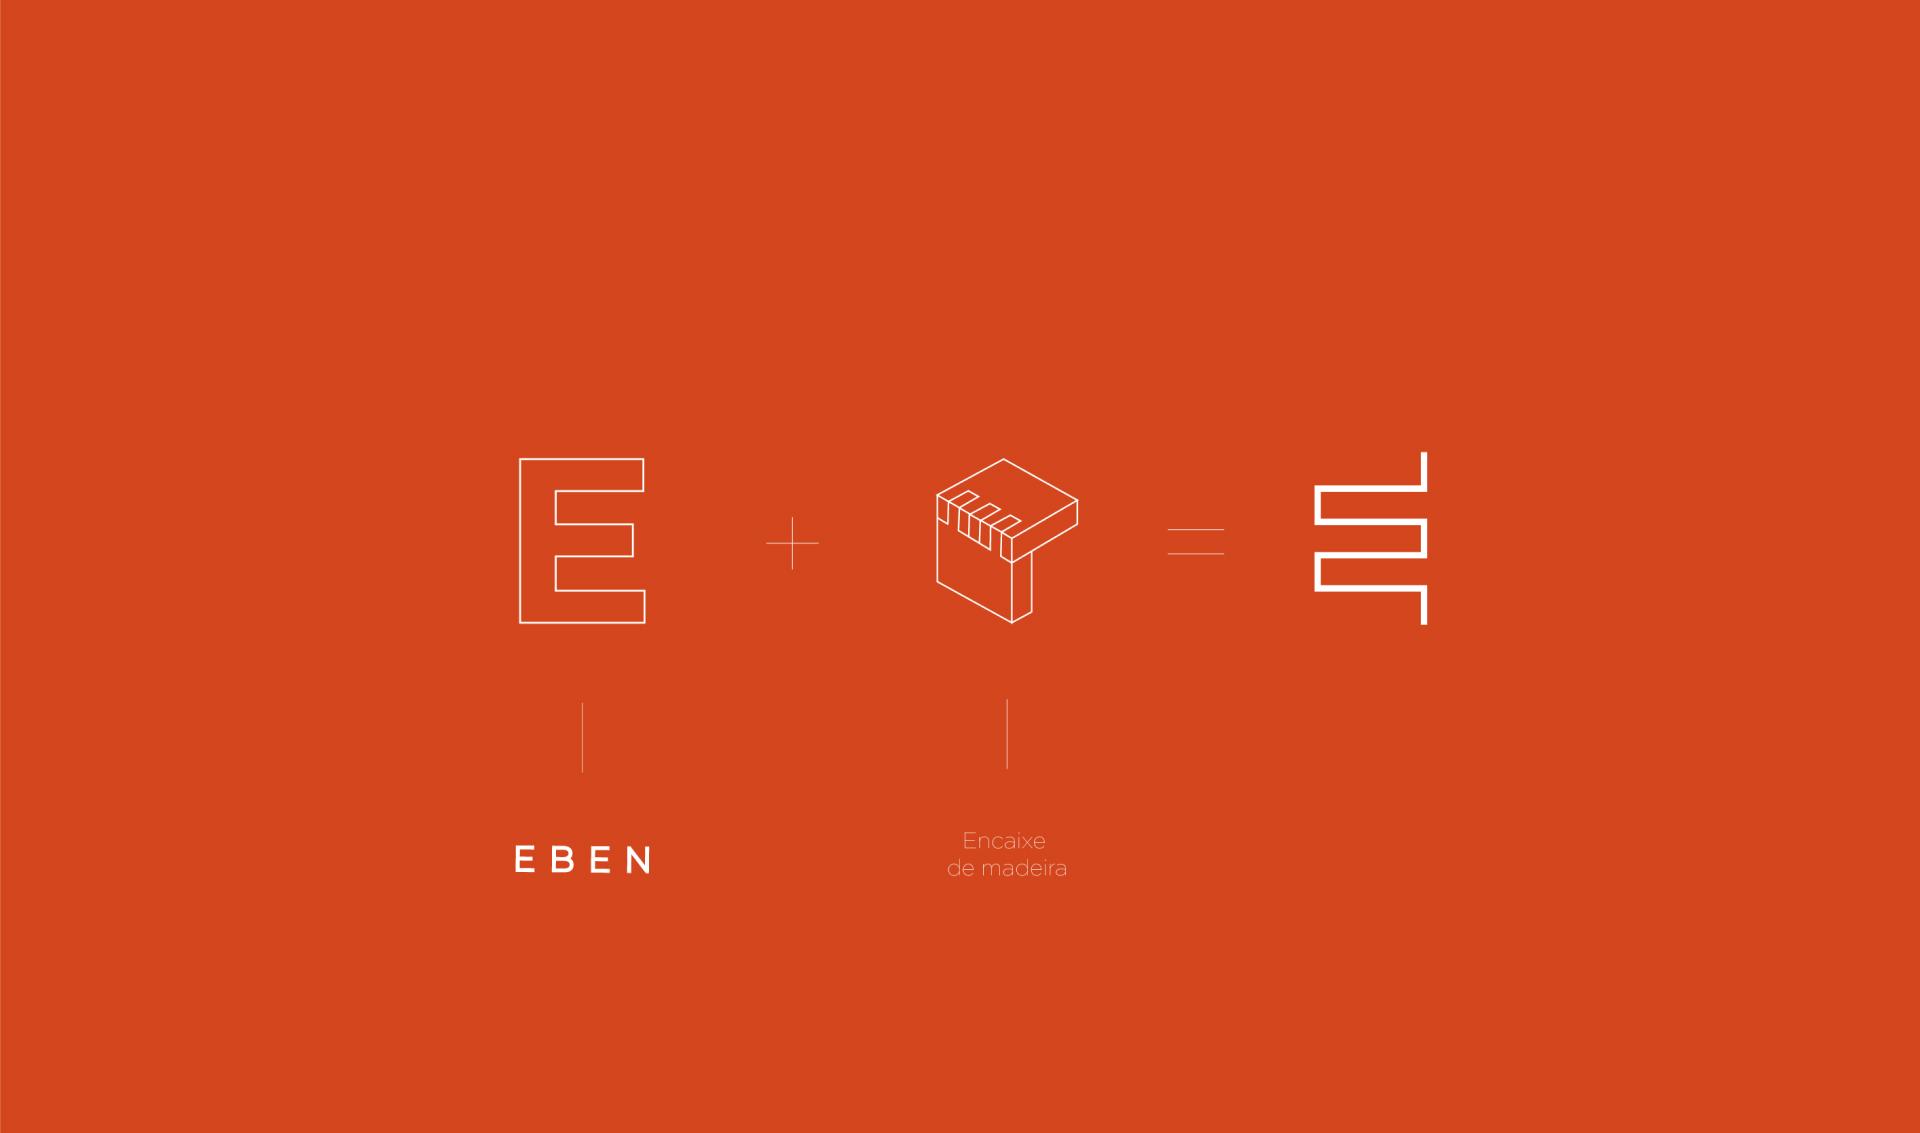 Origem do logótipo da EBEN